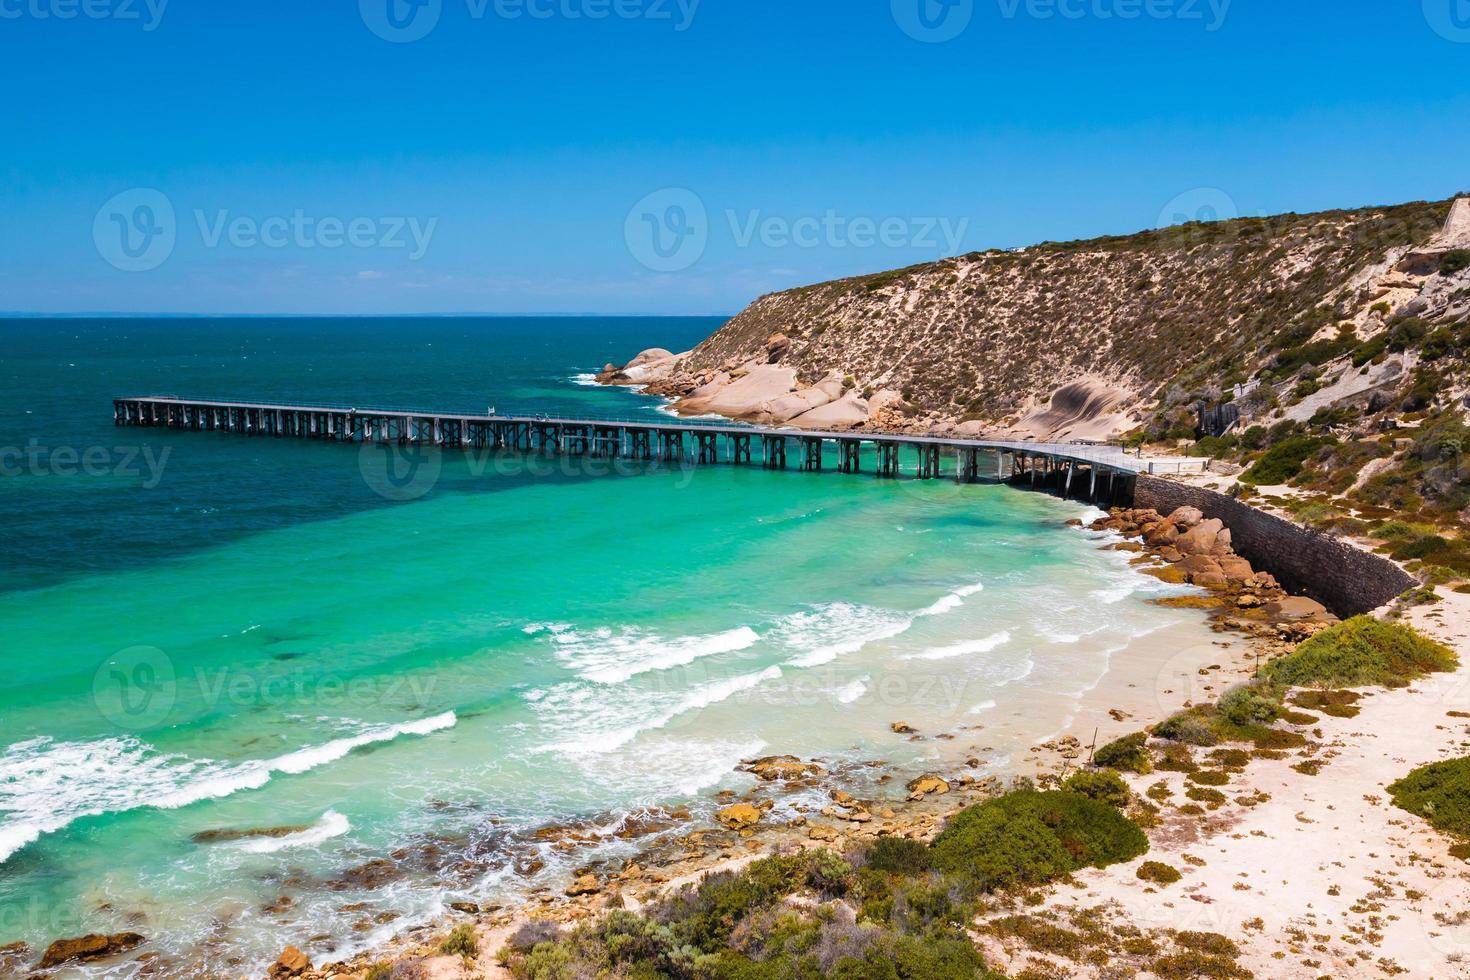 stenhouse bay australien foto